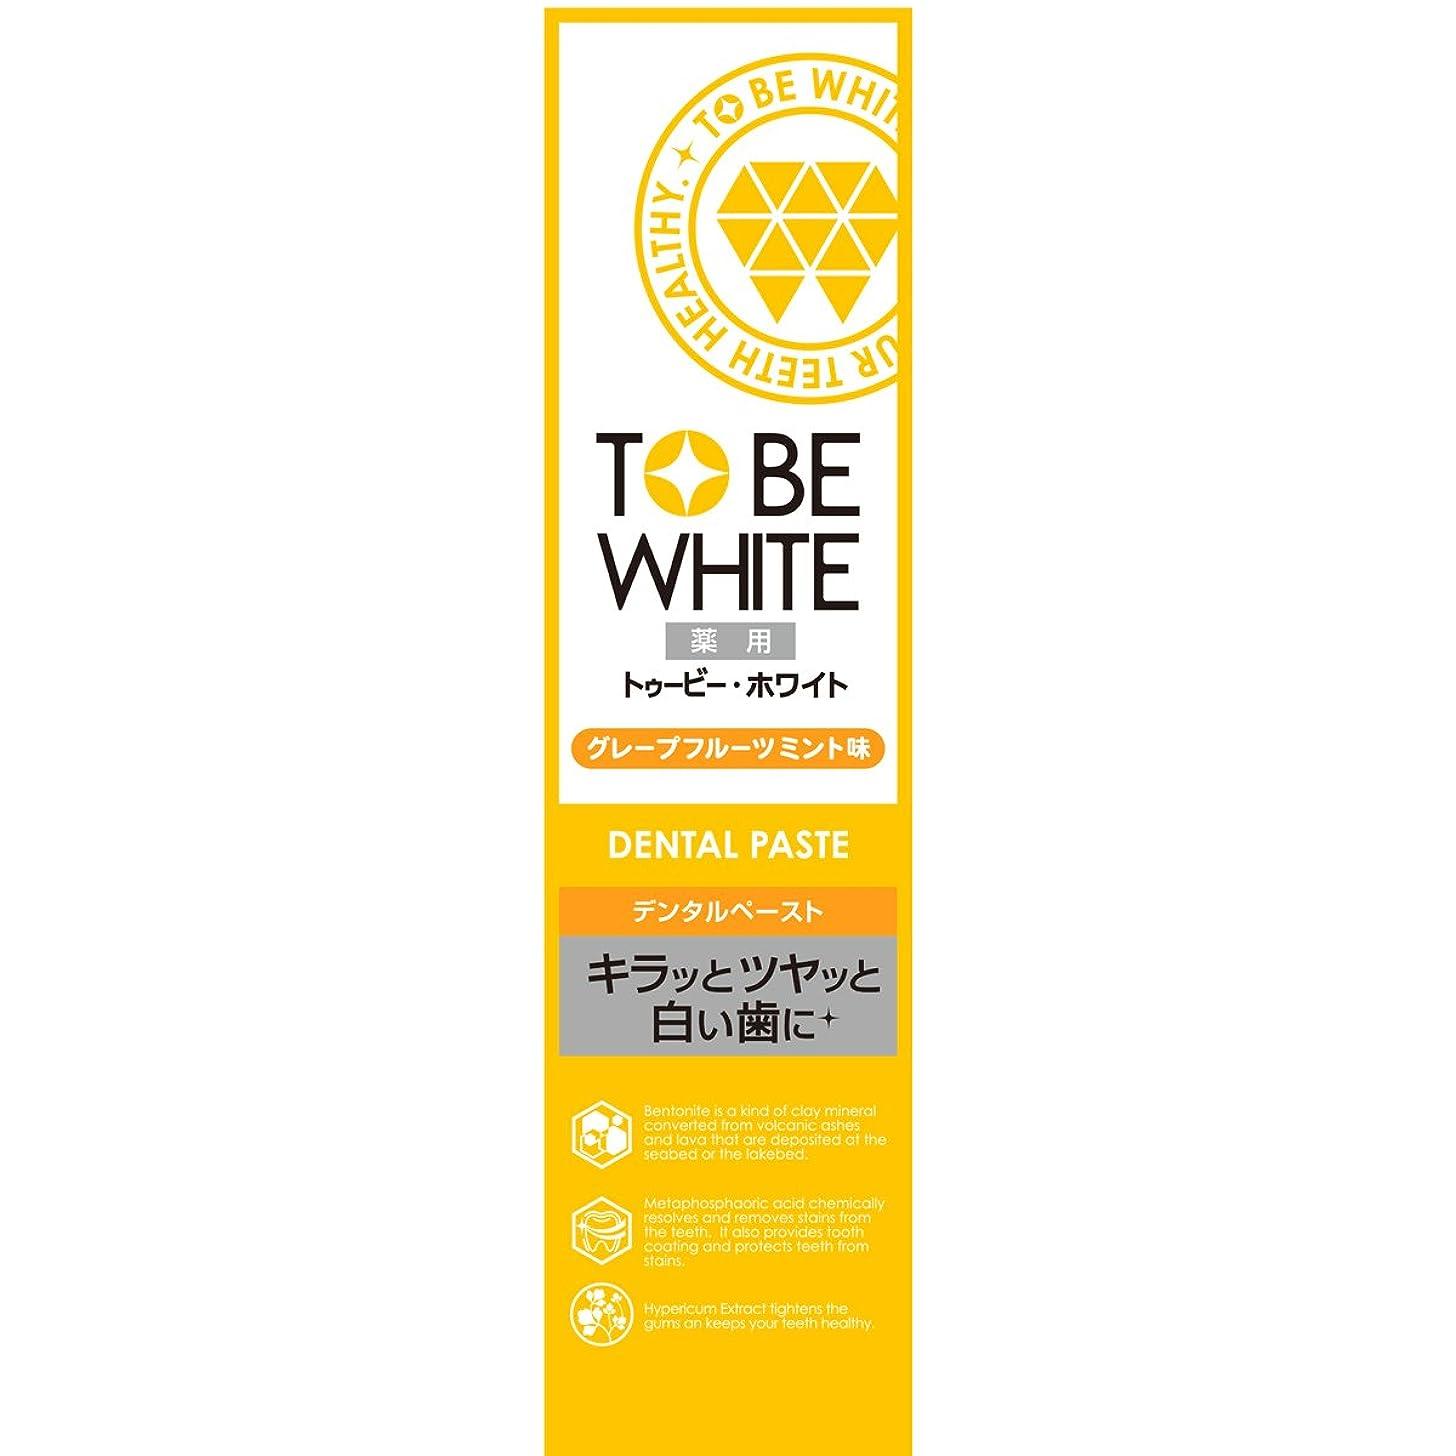 充電歩くペデスタルトゥービー?ホワイト 薬用 ホワイトニング ハミガキ粉 グレープフルーツミント 味 60g 【医薬部外品】